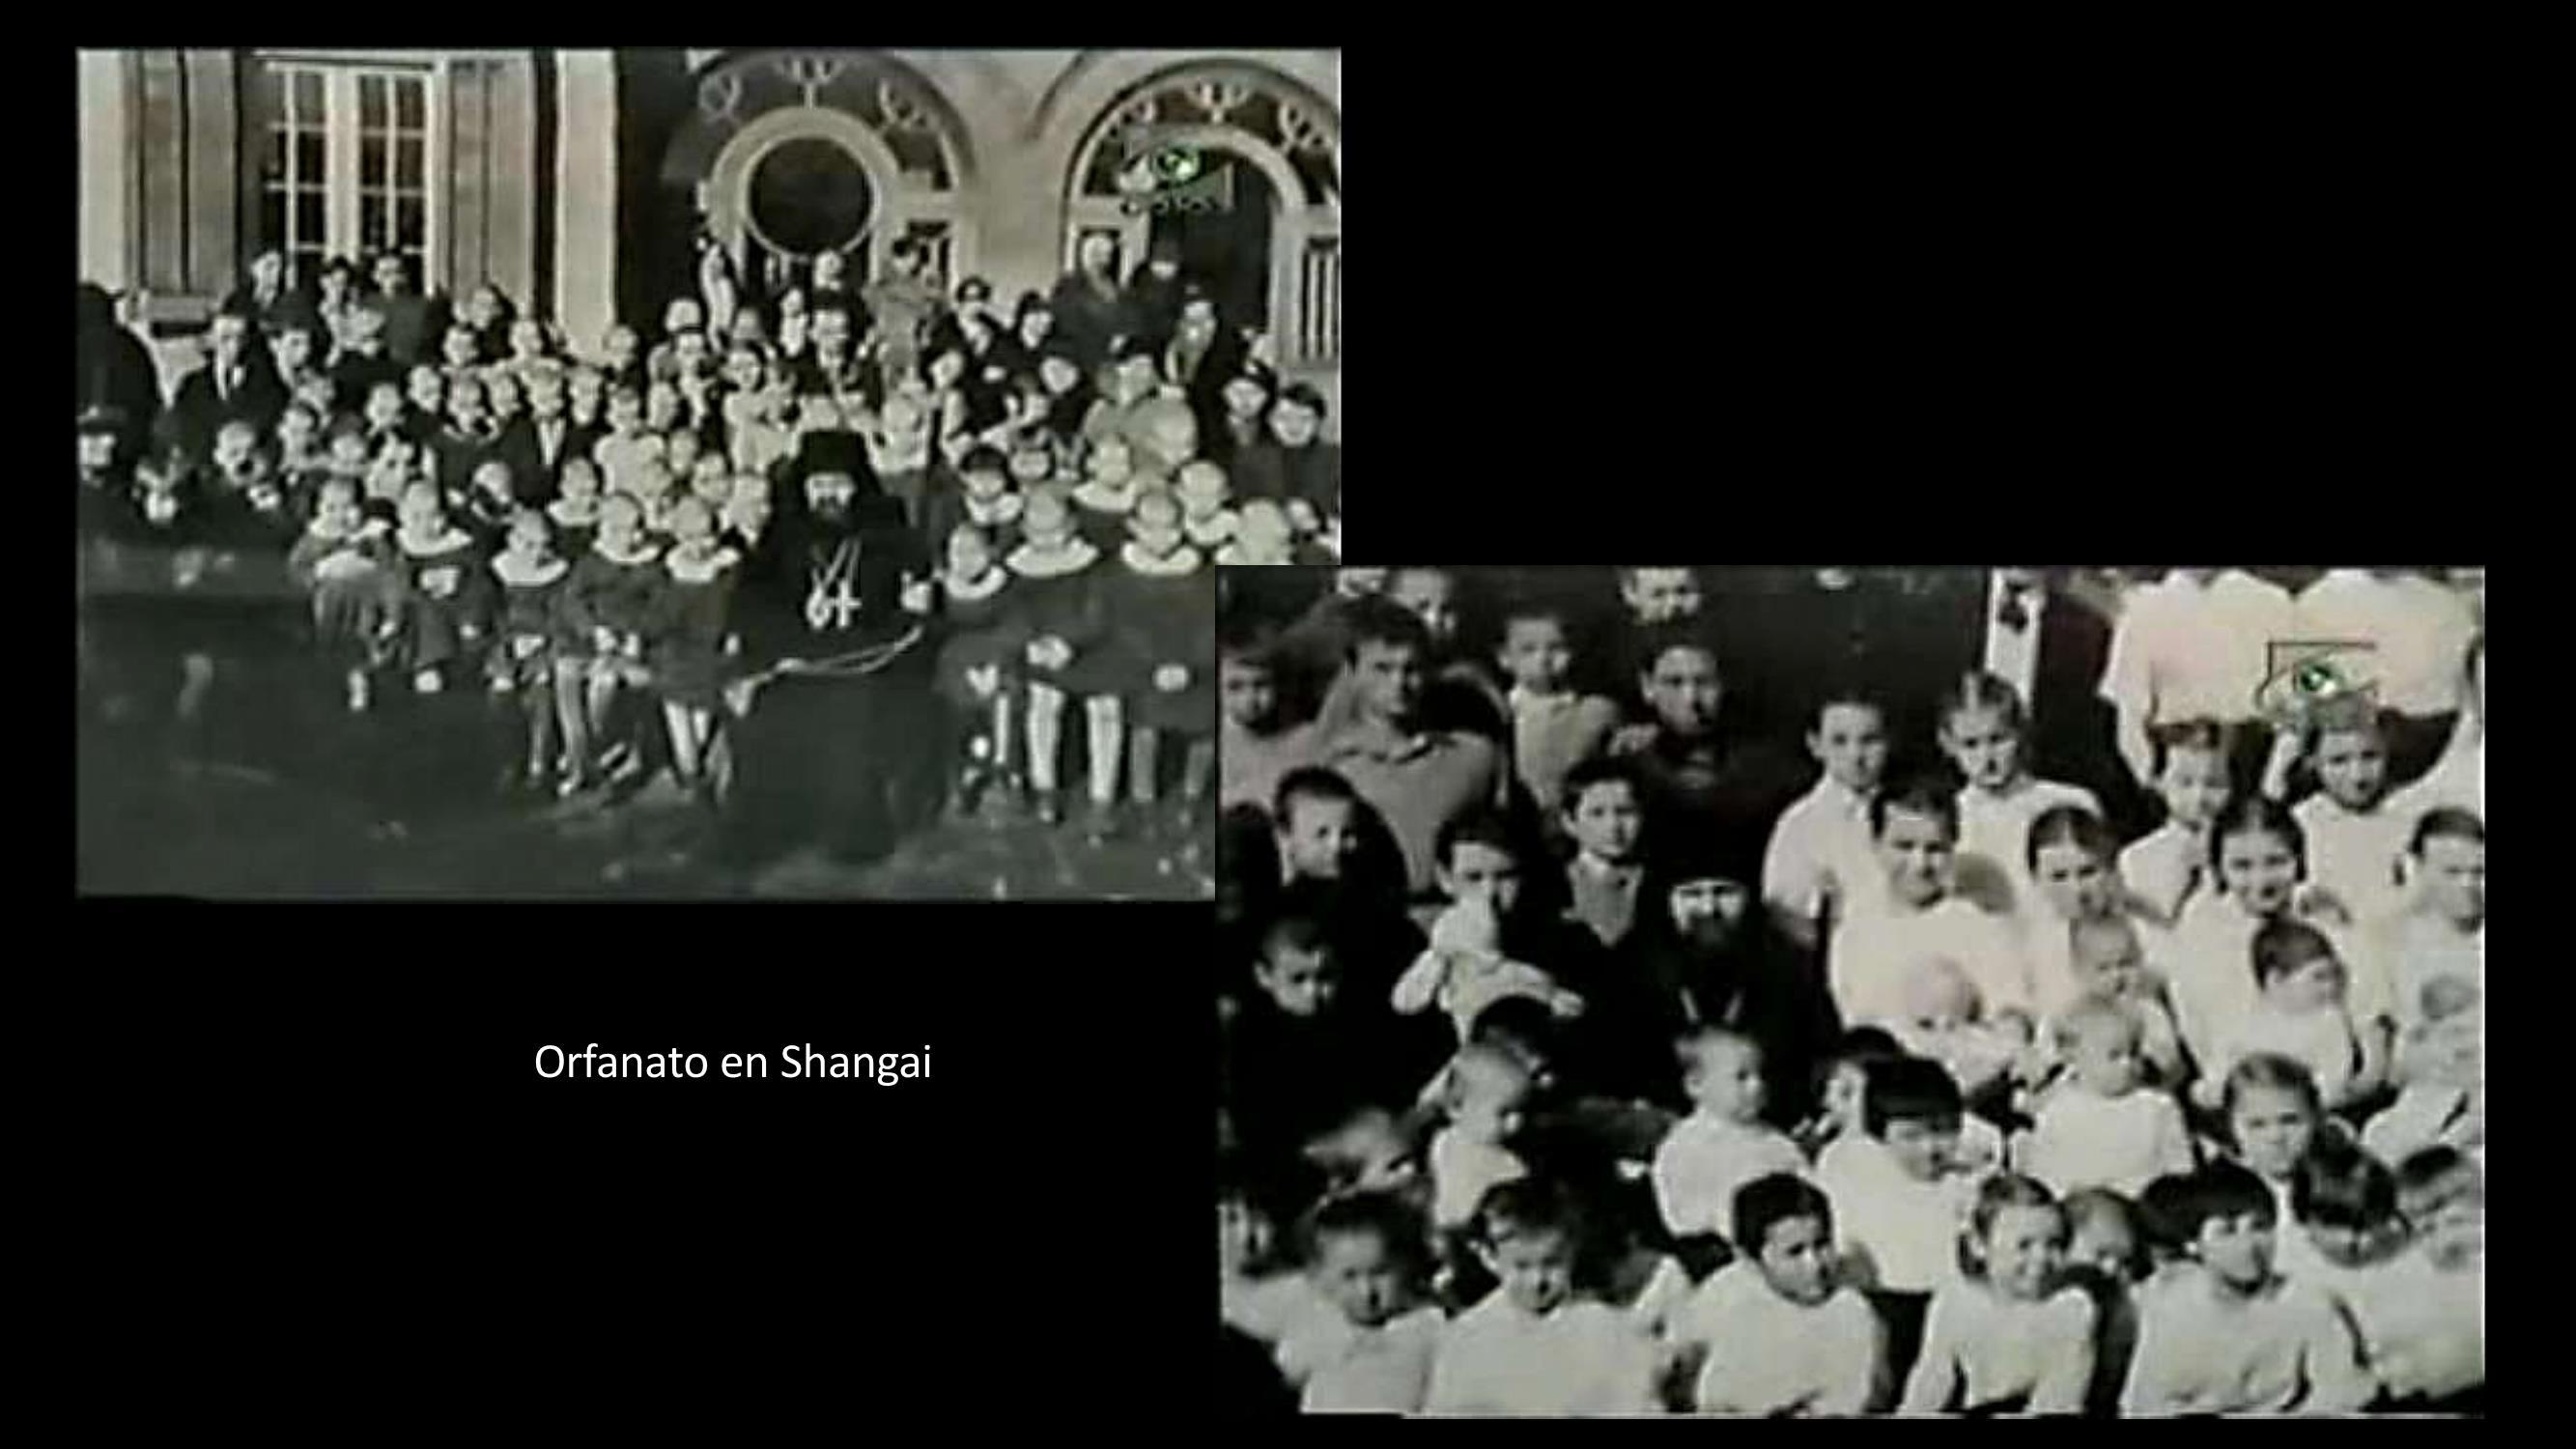 [50] Orfanato de Shangai